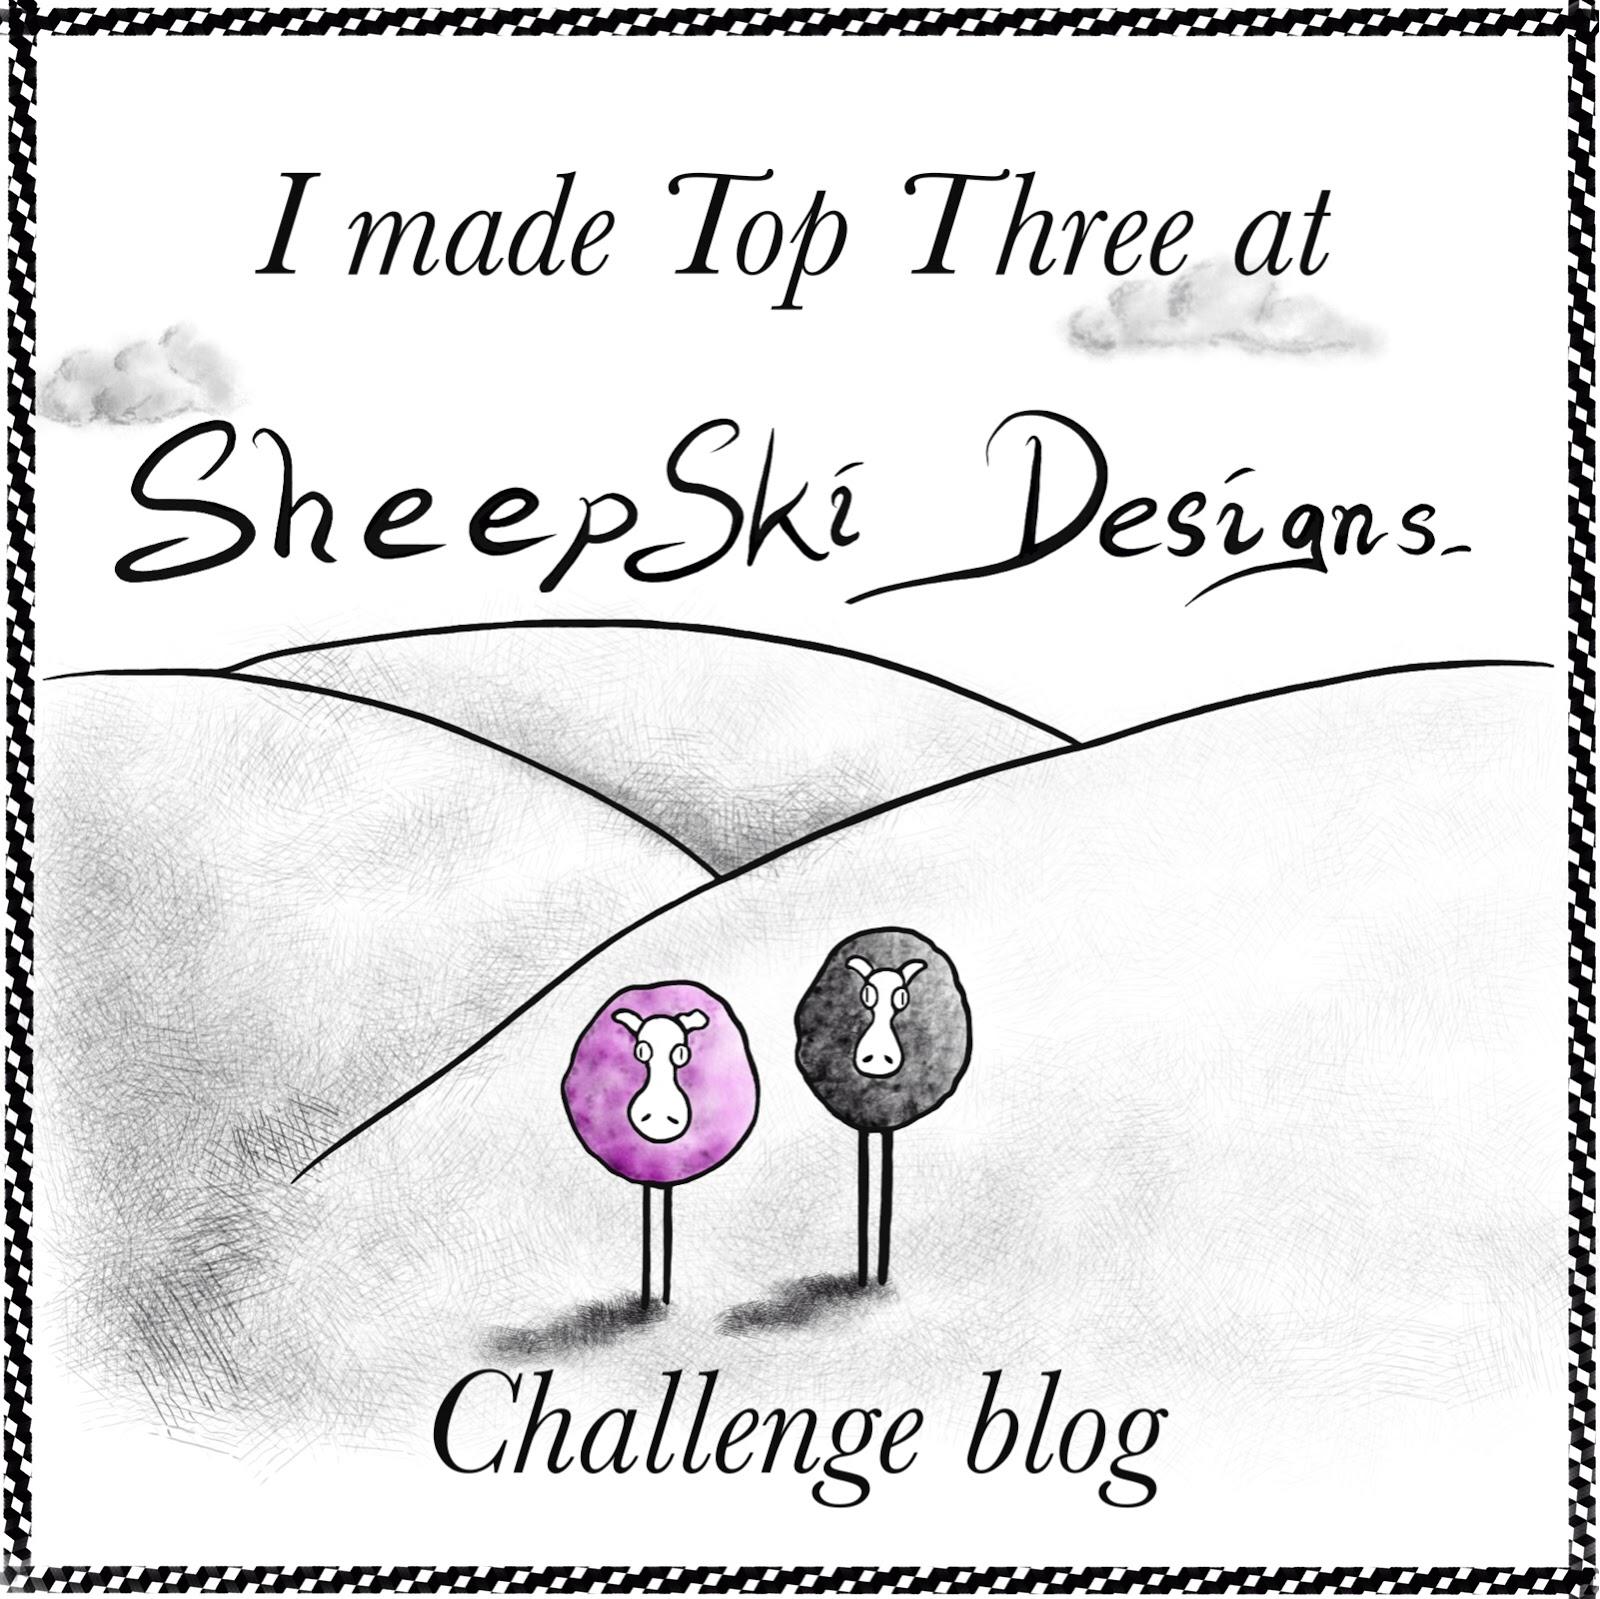 Top 3 Sheepski Desing